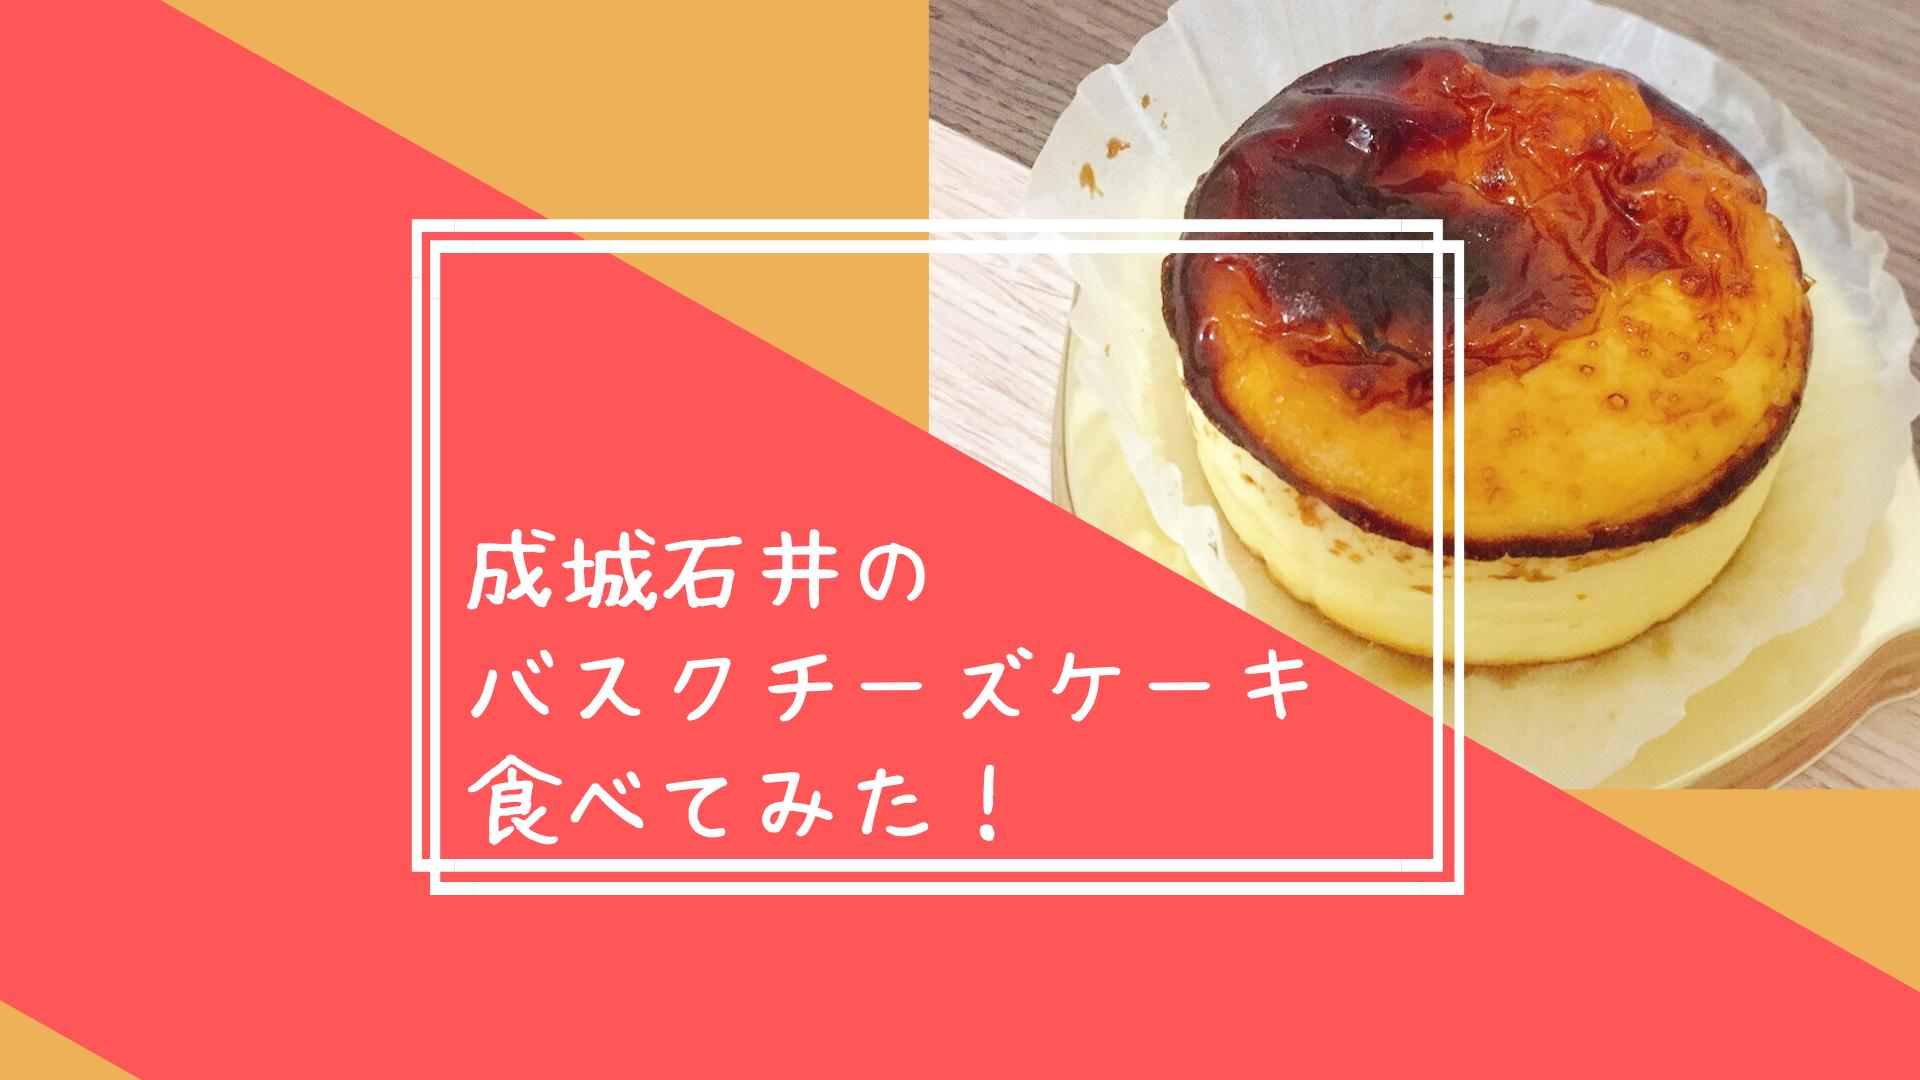 成城 石井 チーズ ケーキ カロリー